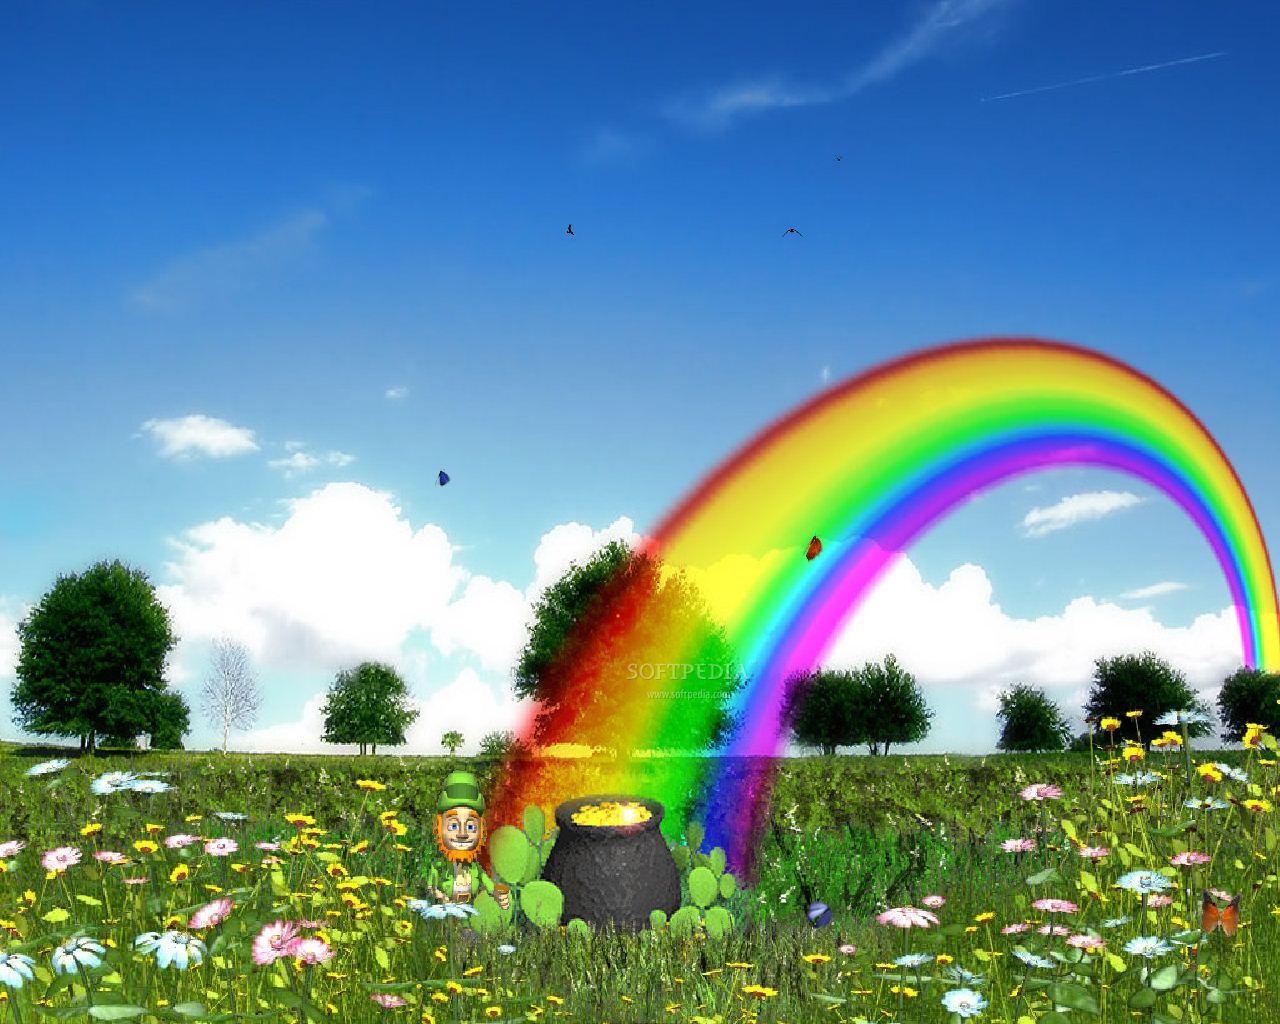 http://3.bp.blogspot.com/-iZRO6aloYV4/T9qn7wHZ89I/AAAAAAAAAwM/RXCwoRU2CWs/s1600/Spring-Wallpaper-37.jpg